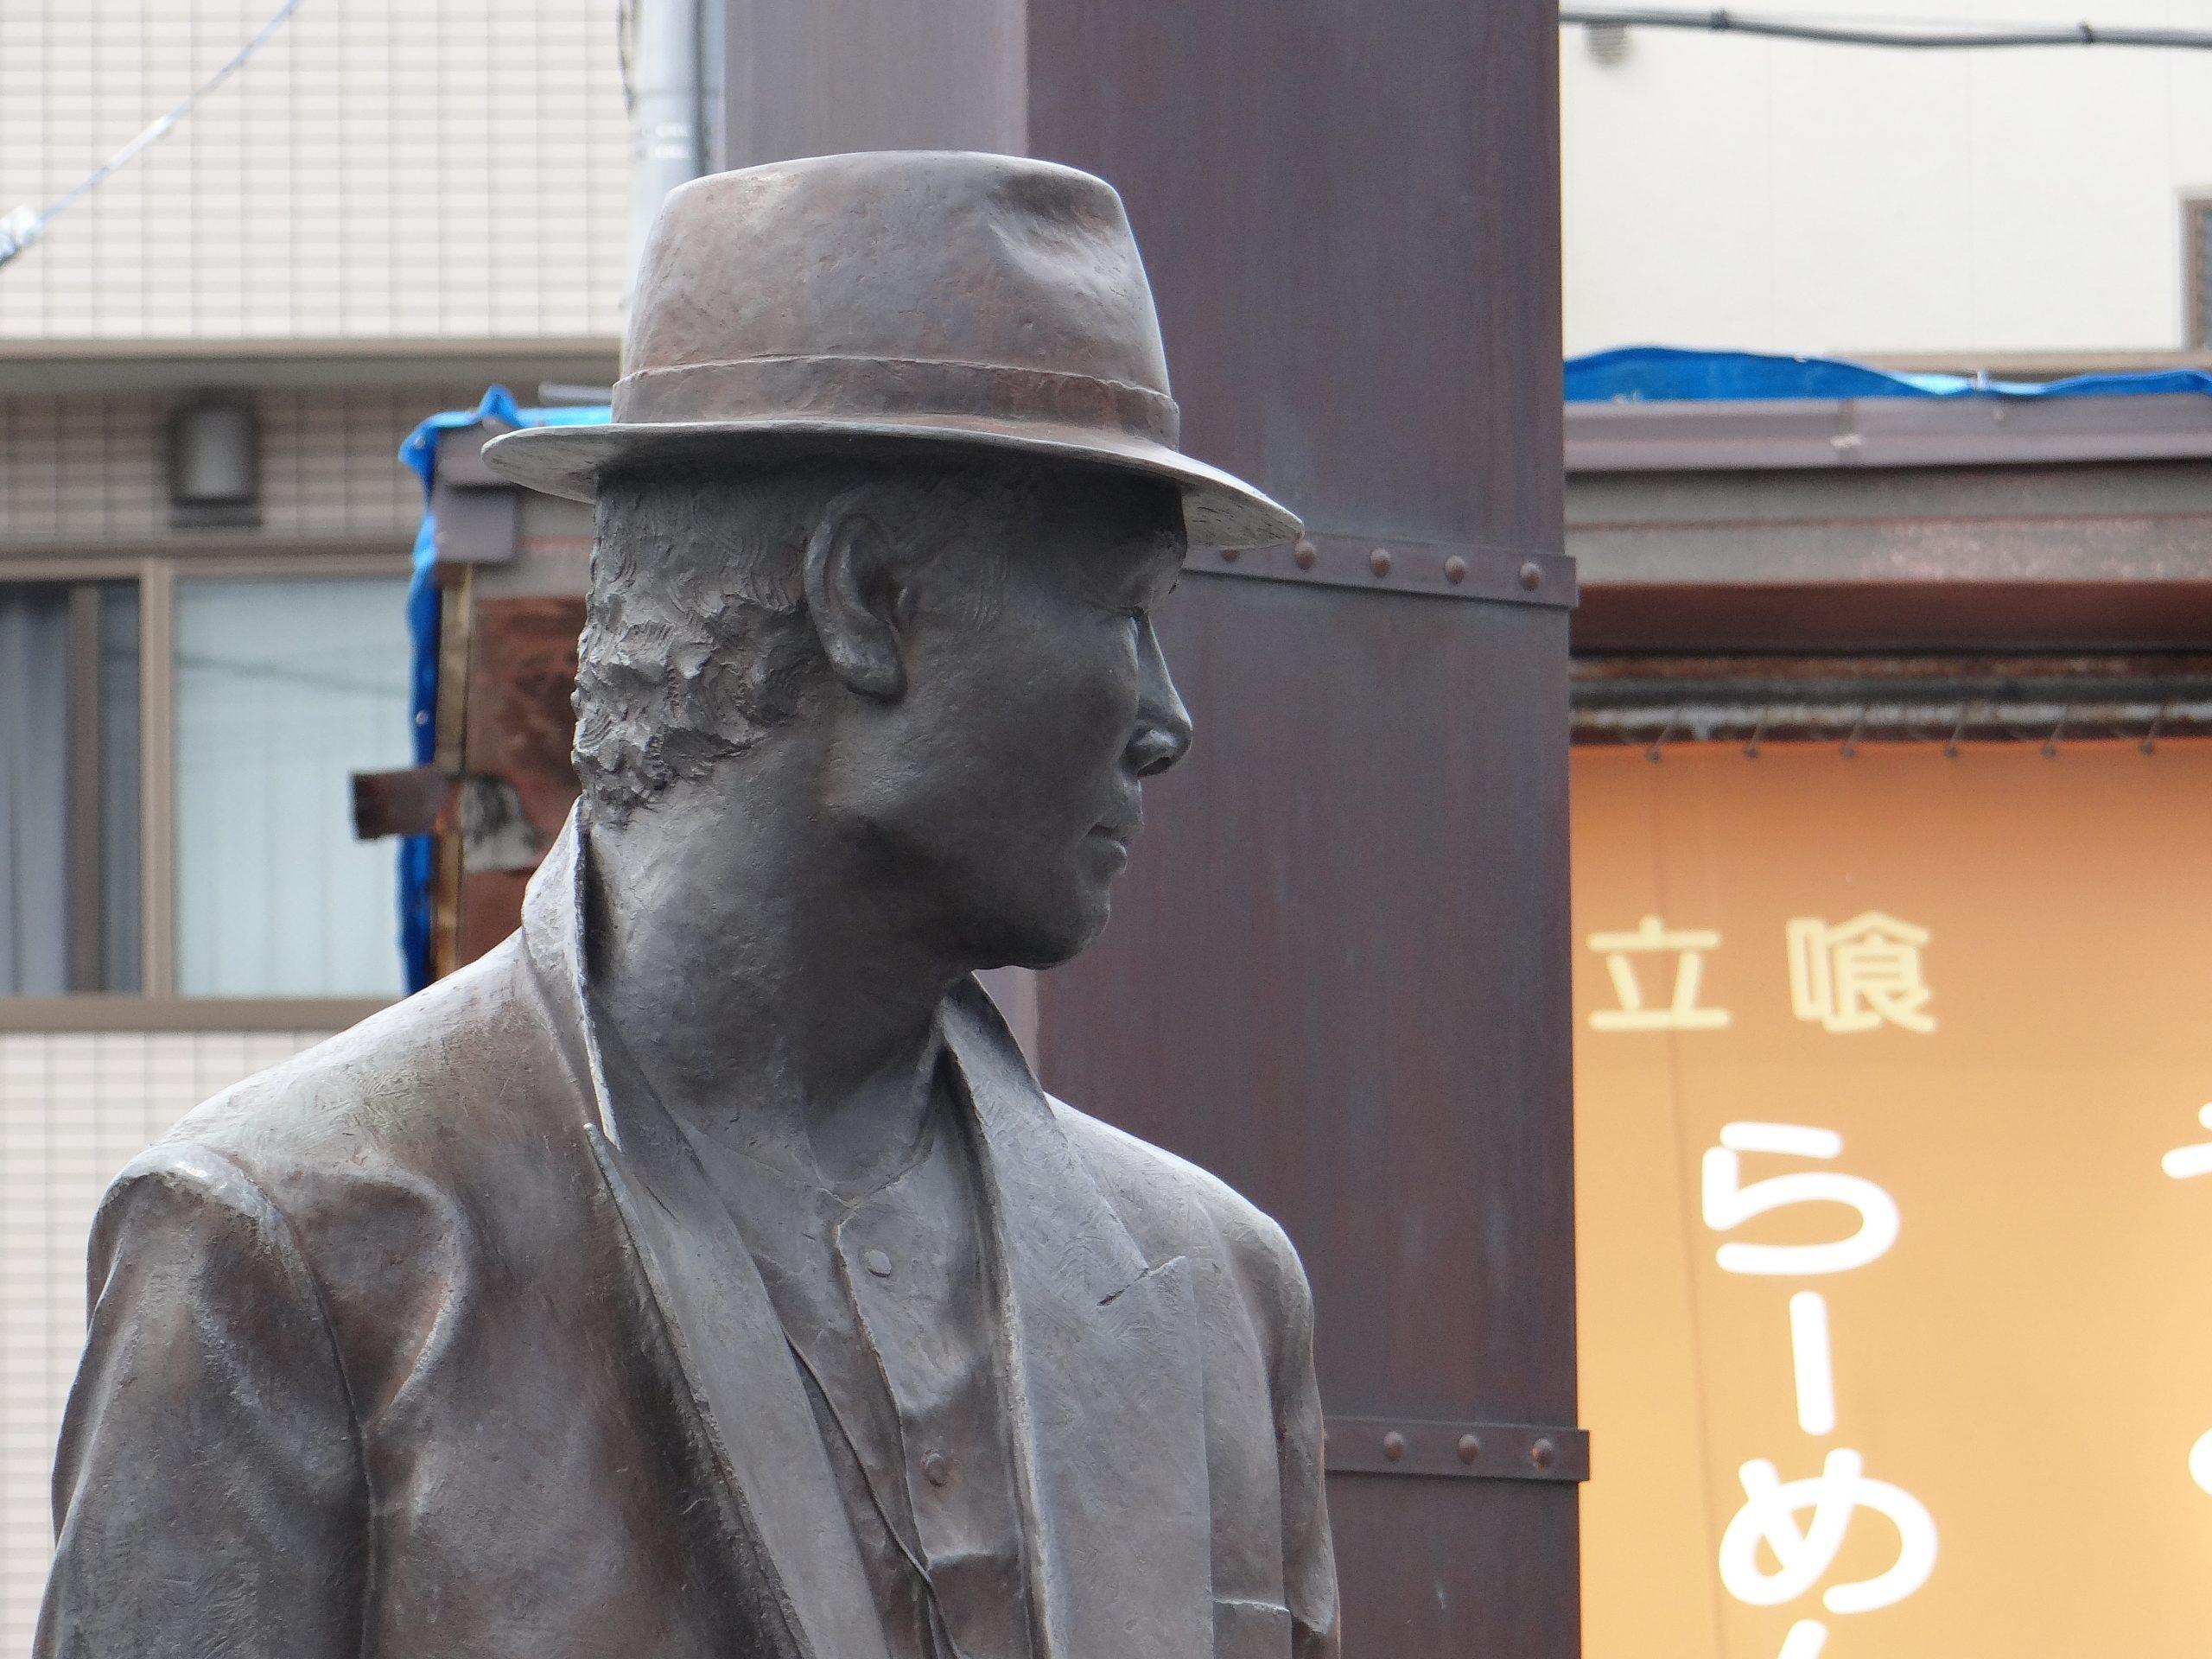 柴又駅前の再開発。寅さんの像は変わらず。昭和の柴又の面影を探して -柴又⑴